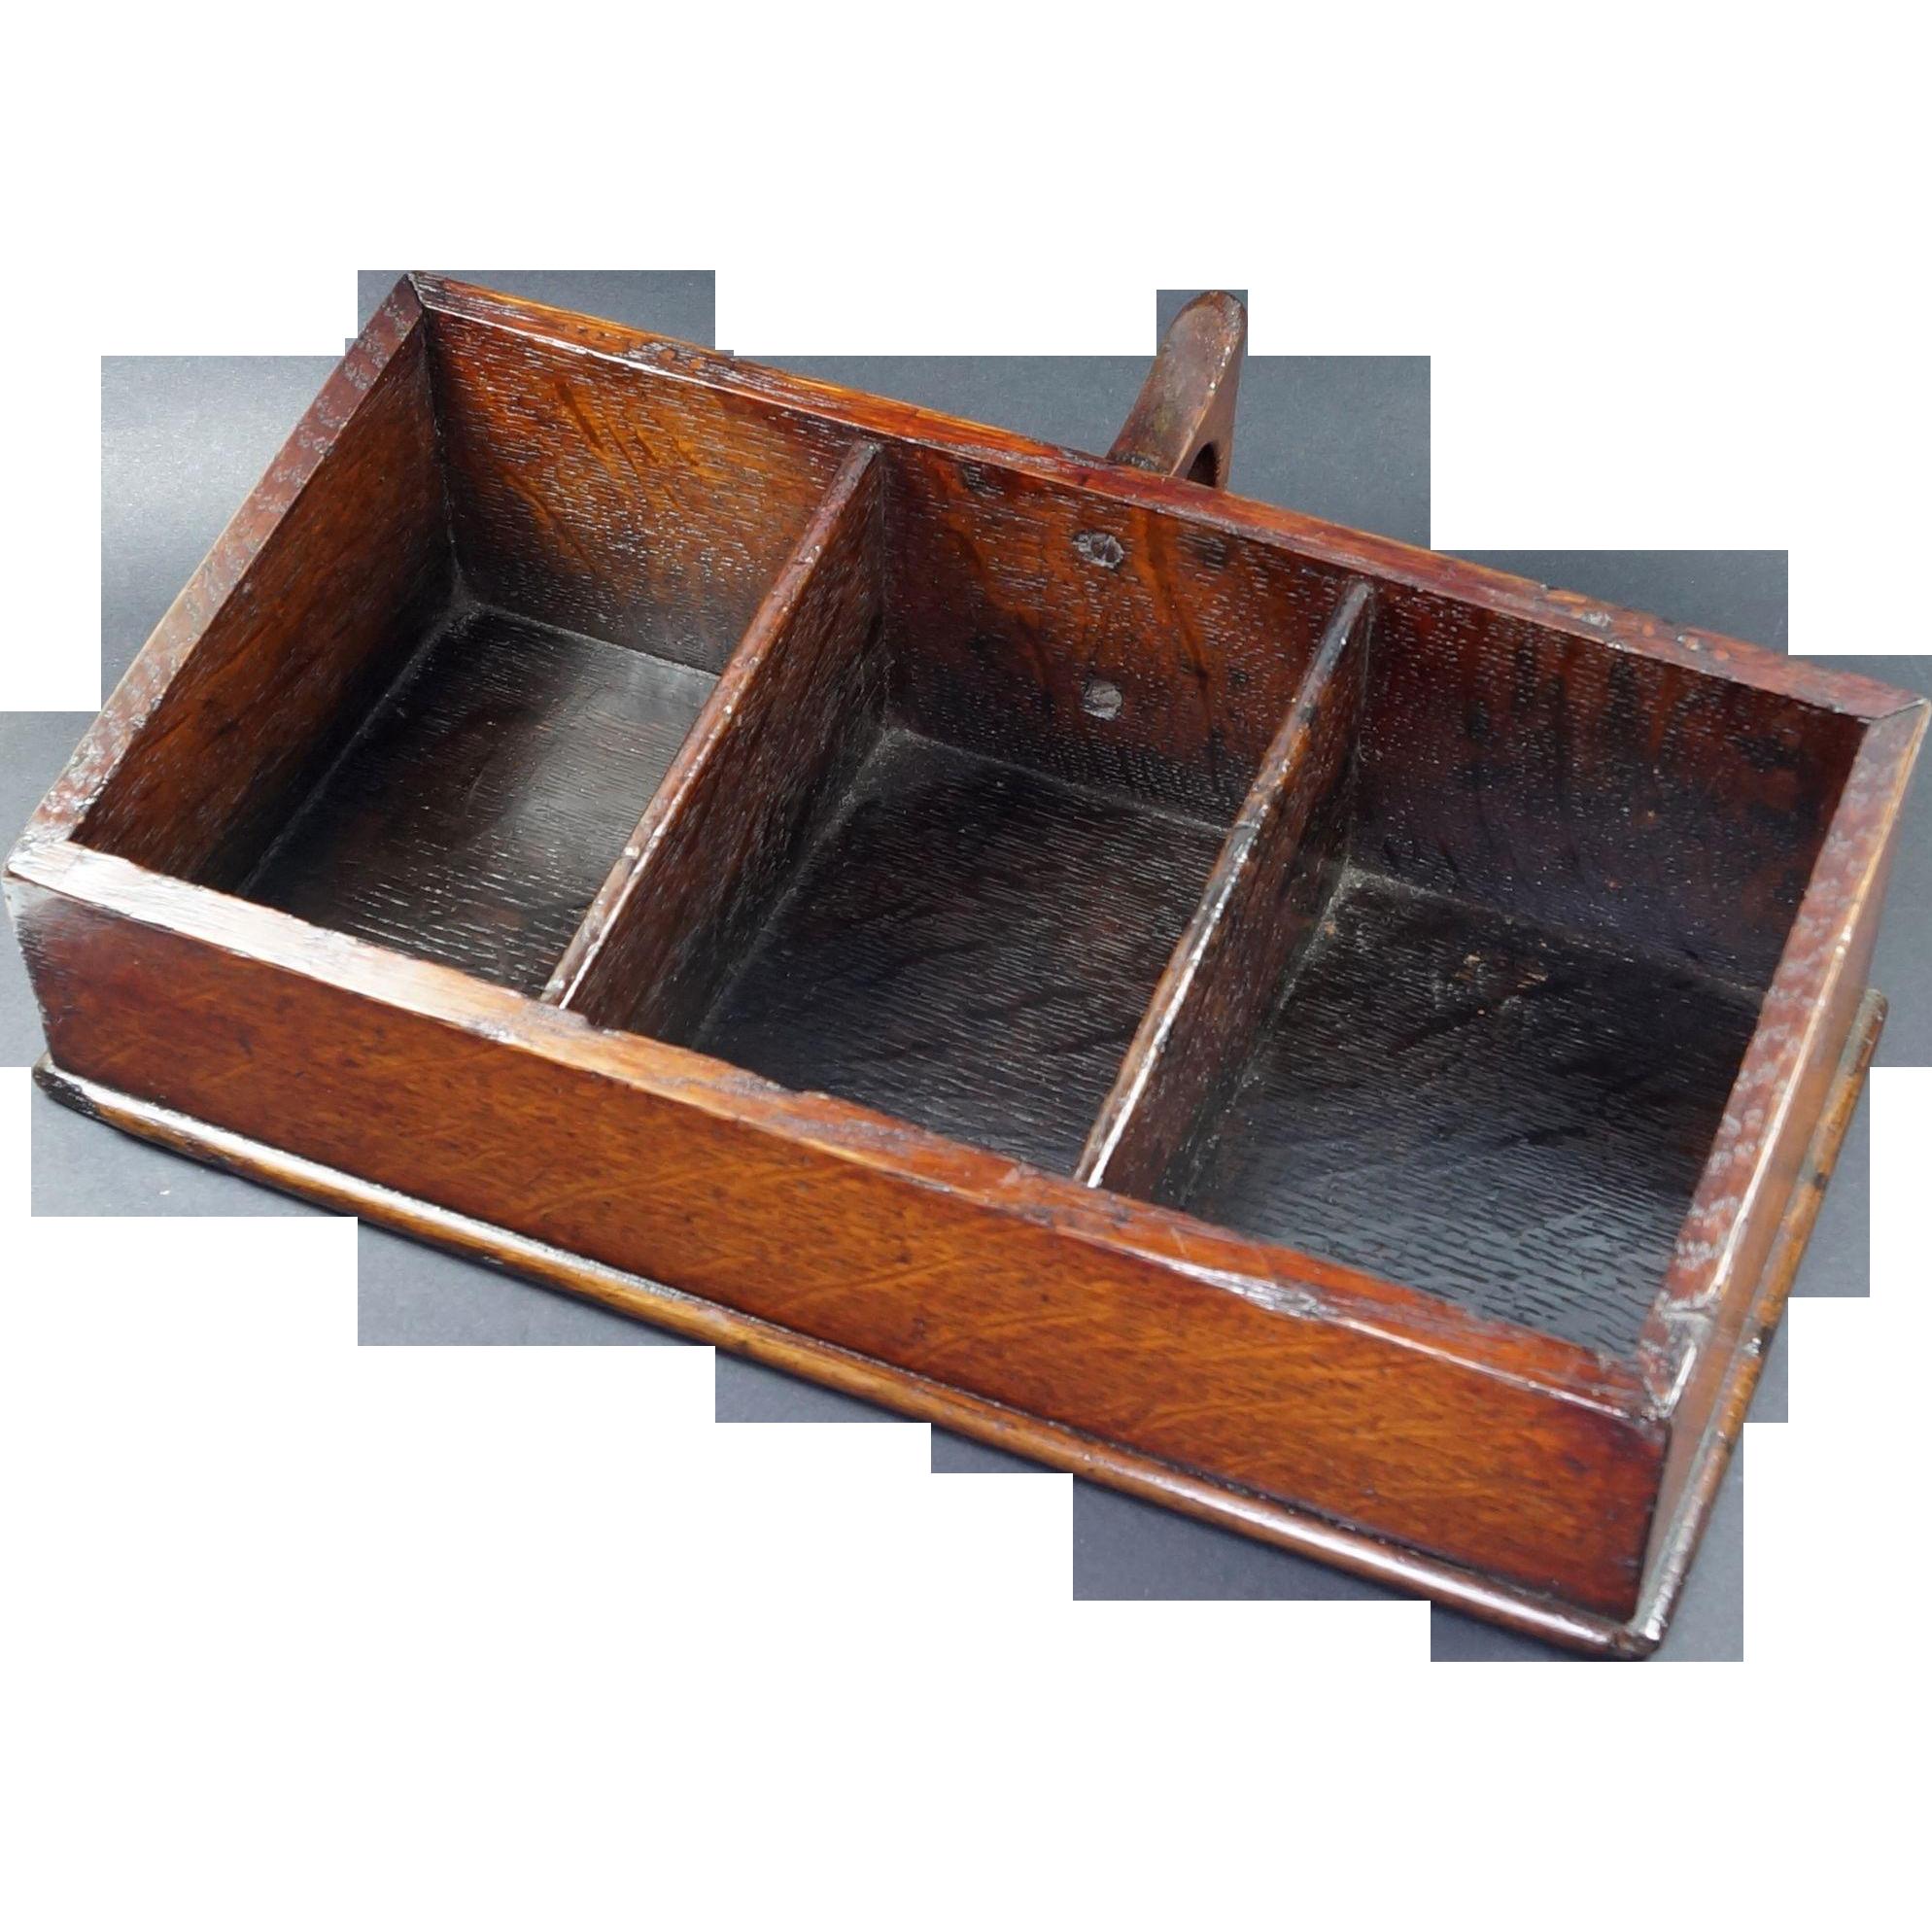 Antique Church Collection Box LOVELY English Oak Circa 1840 Folk Art